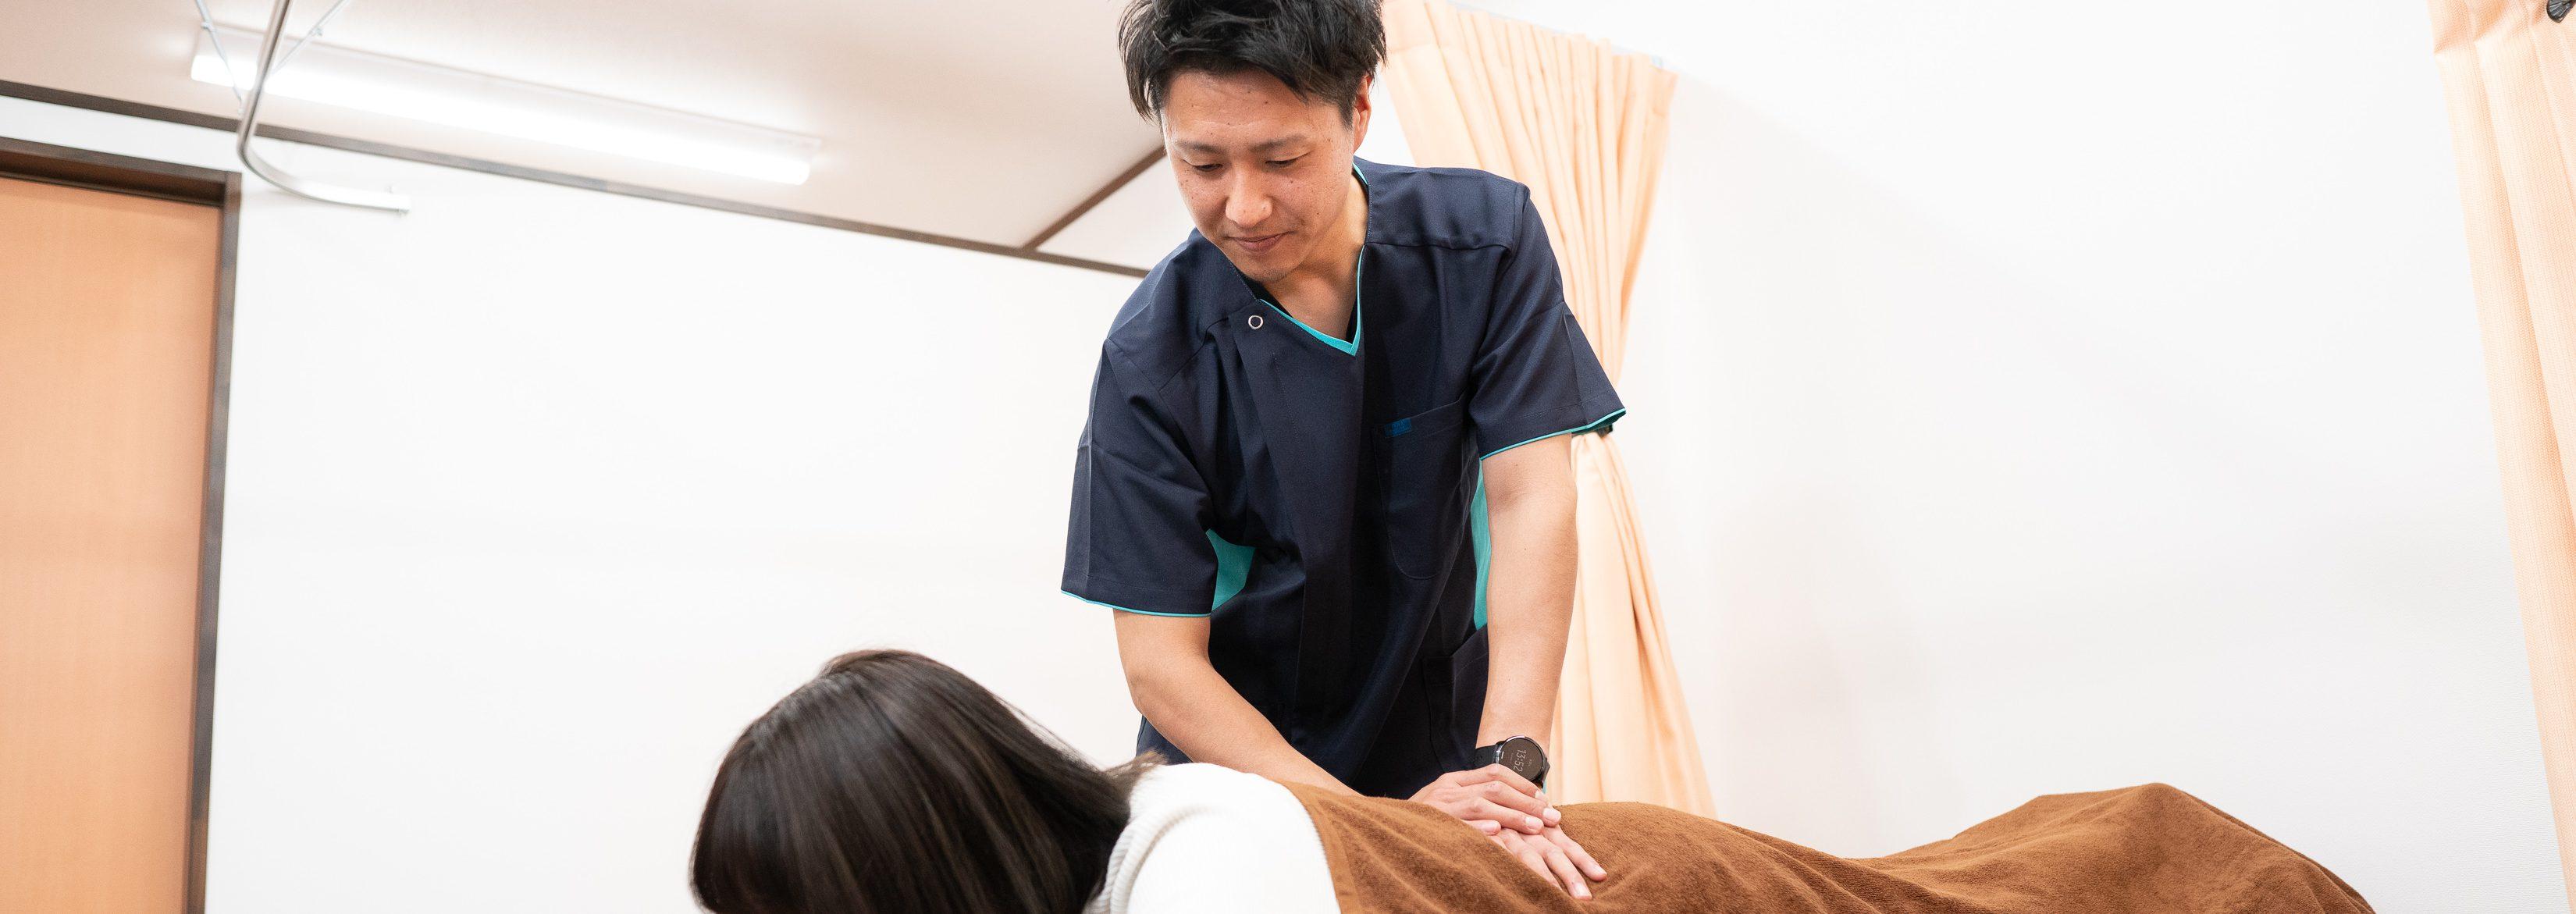 伊達市で鍼灸整骨院なら、PEP鍼灸整骨院あん摩マッサージ指圧院へ!